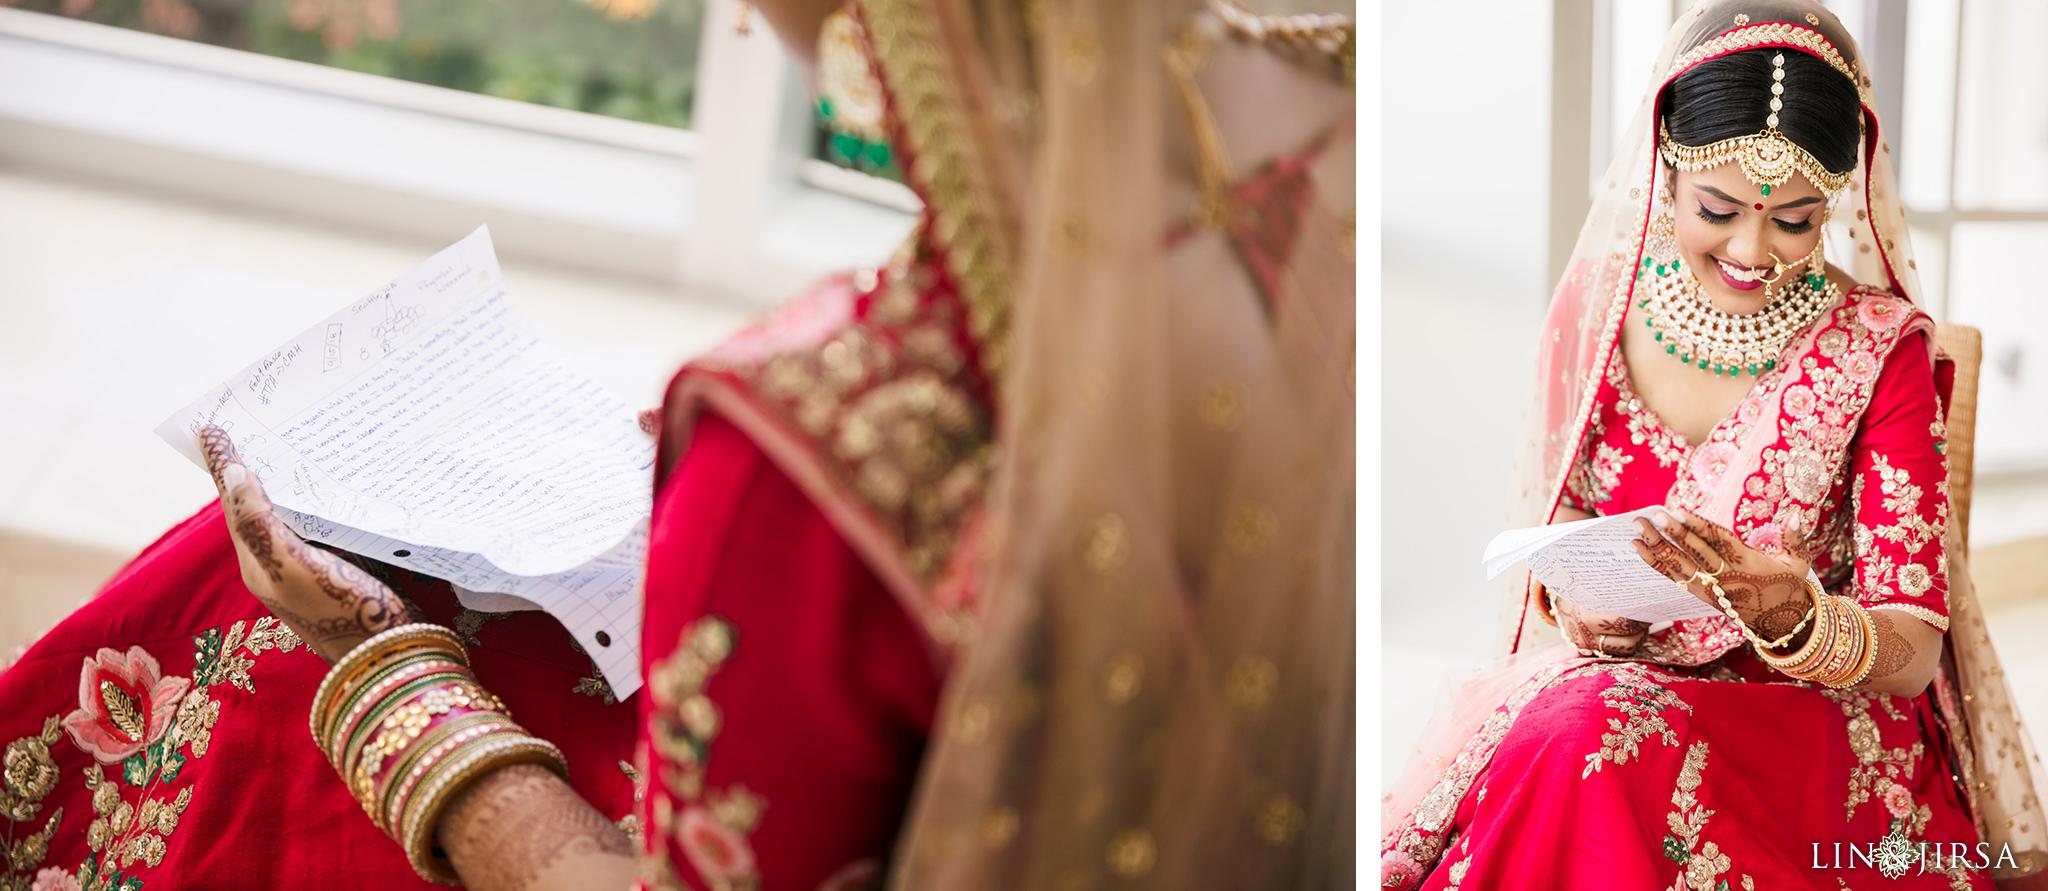 04 The Hilton Orlando Florida Indian Wedding Photography